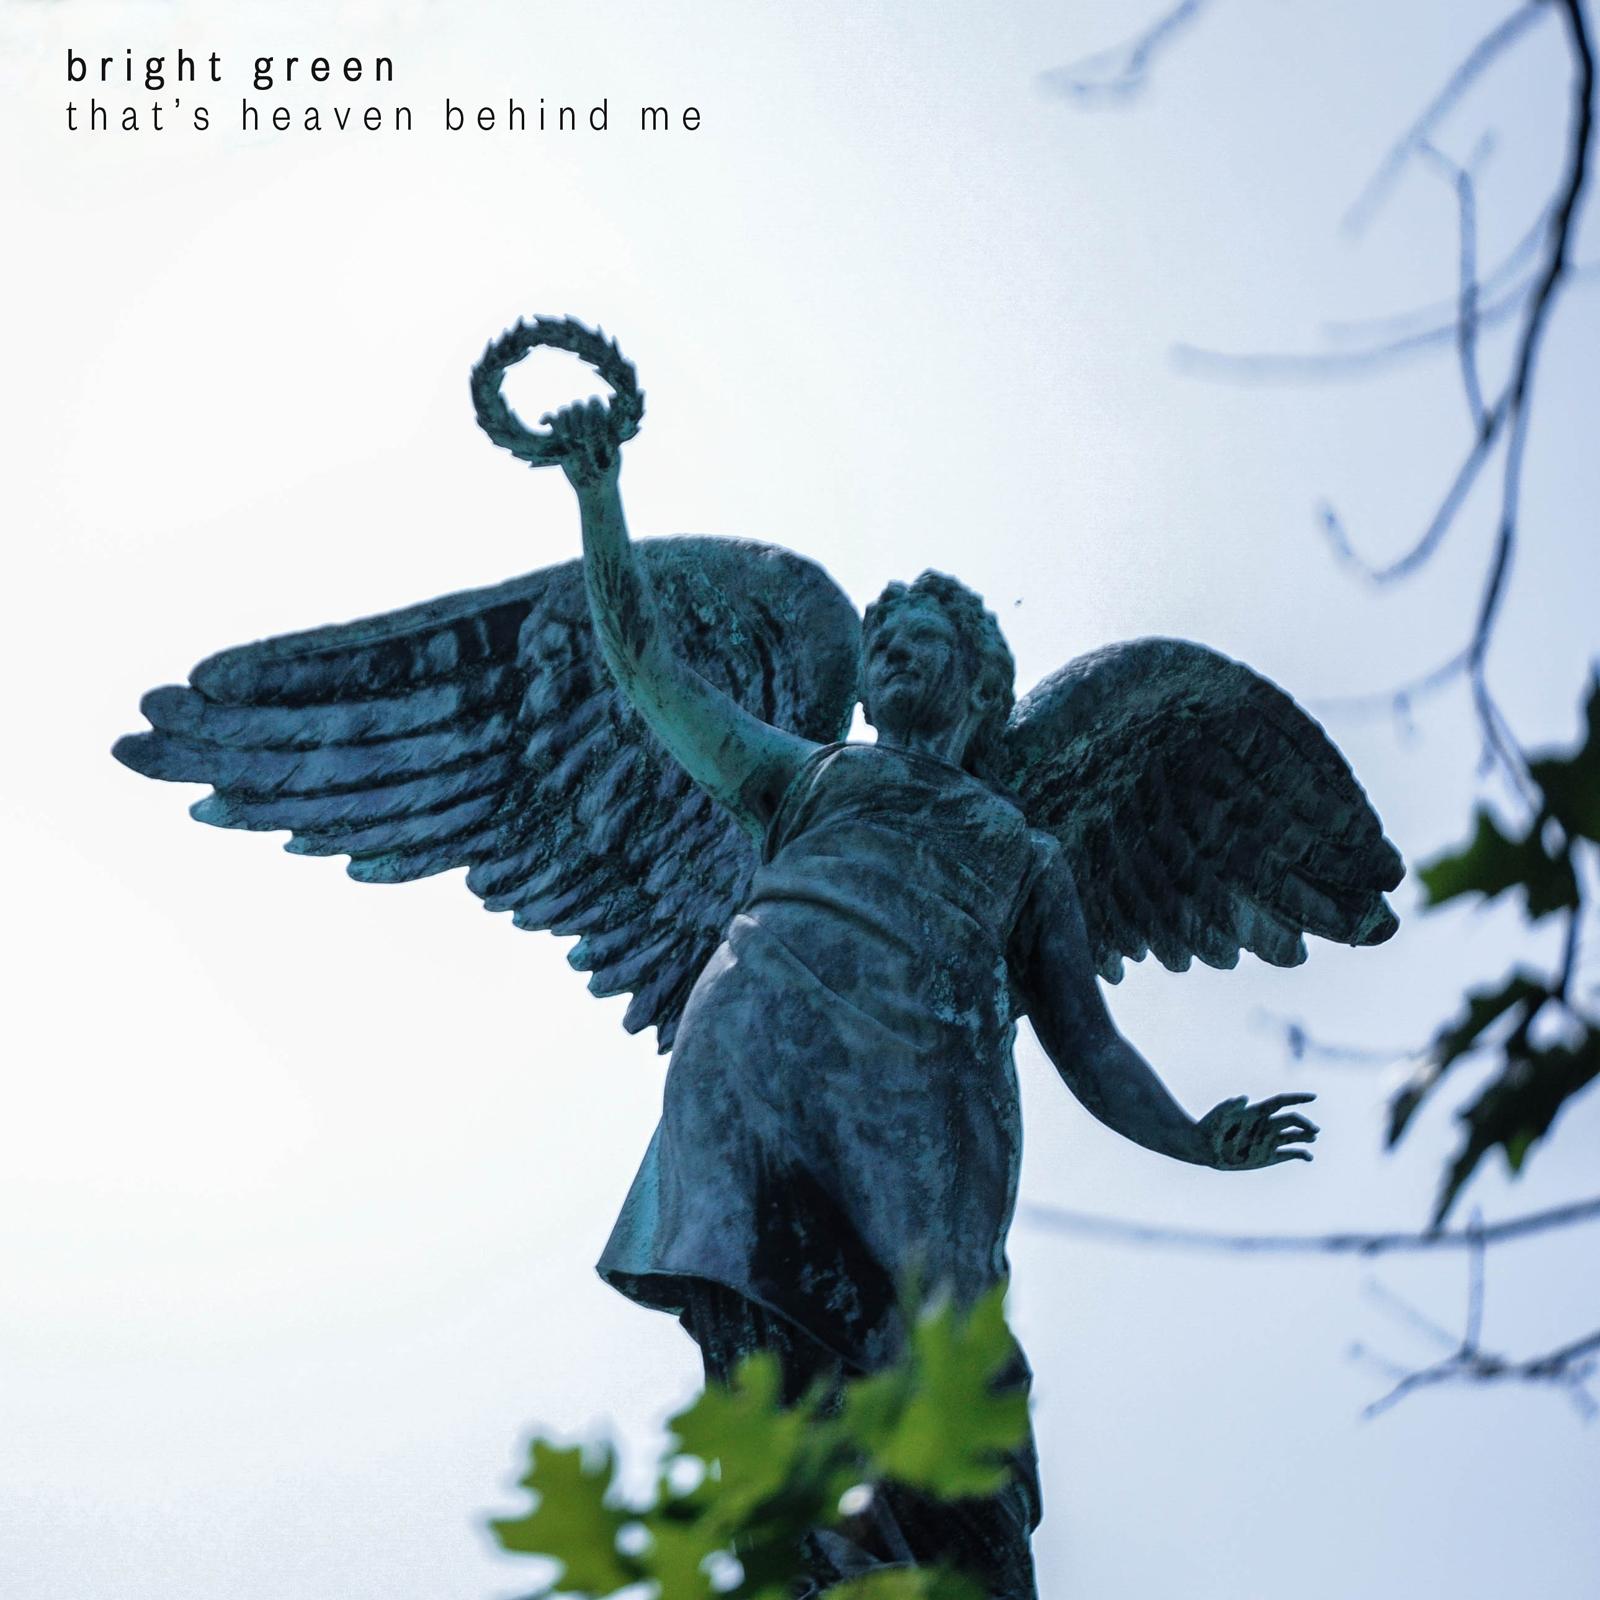 Bright Green - Thats EP Art-1600x1600-300.jpg